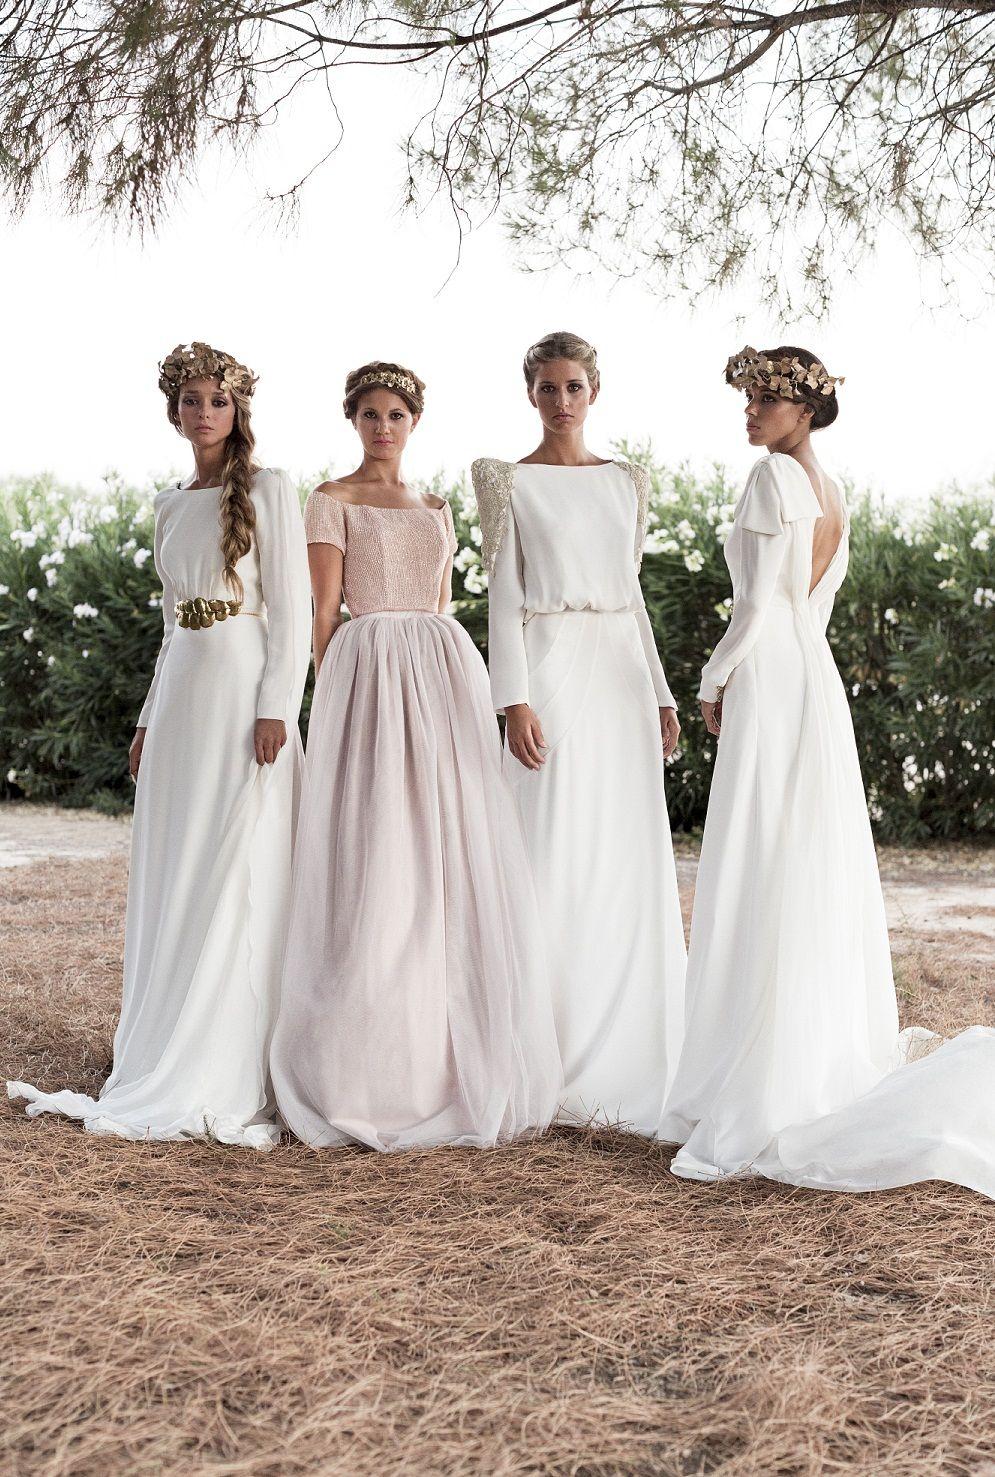 Vestidos de novia confeccionados a medida